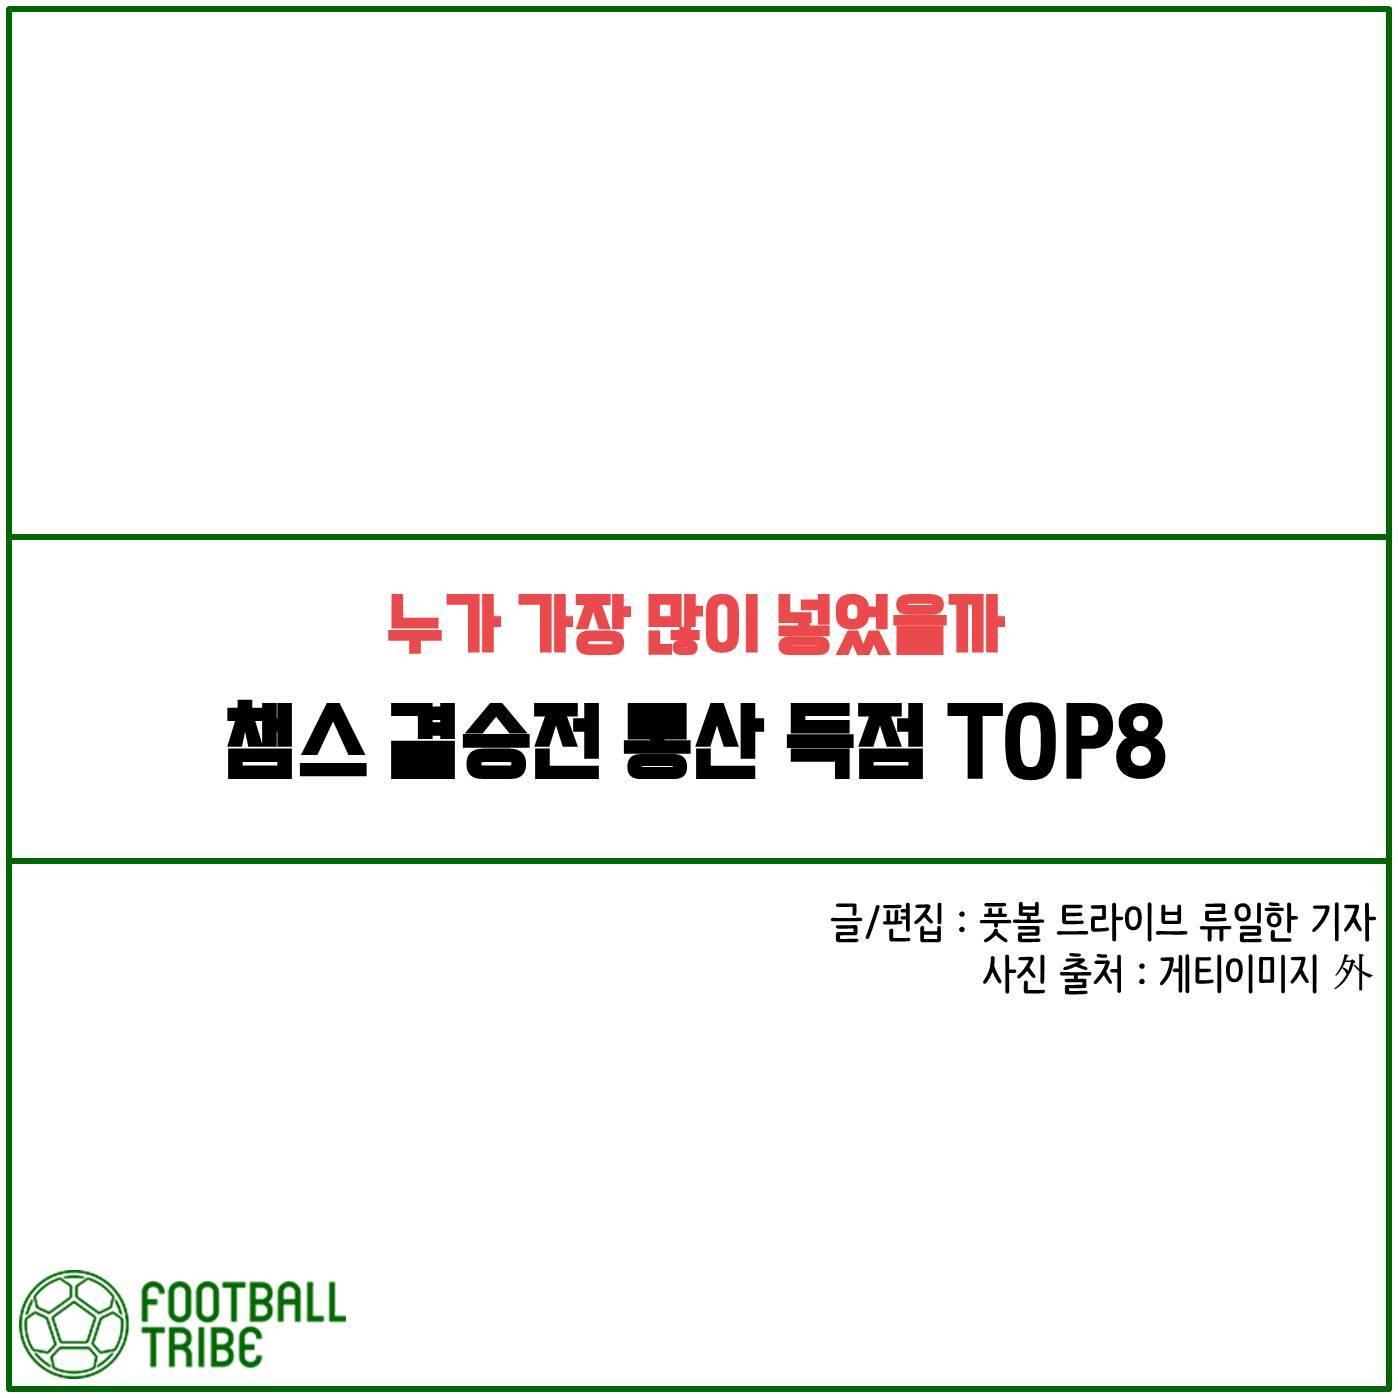 [카드 뉴스] 챔스 결승전 통산 득점 TOP8